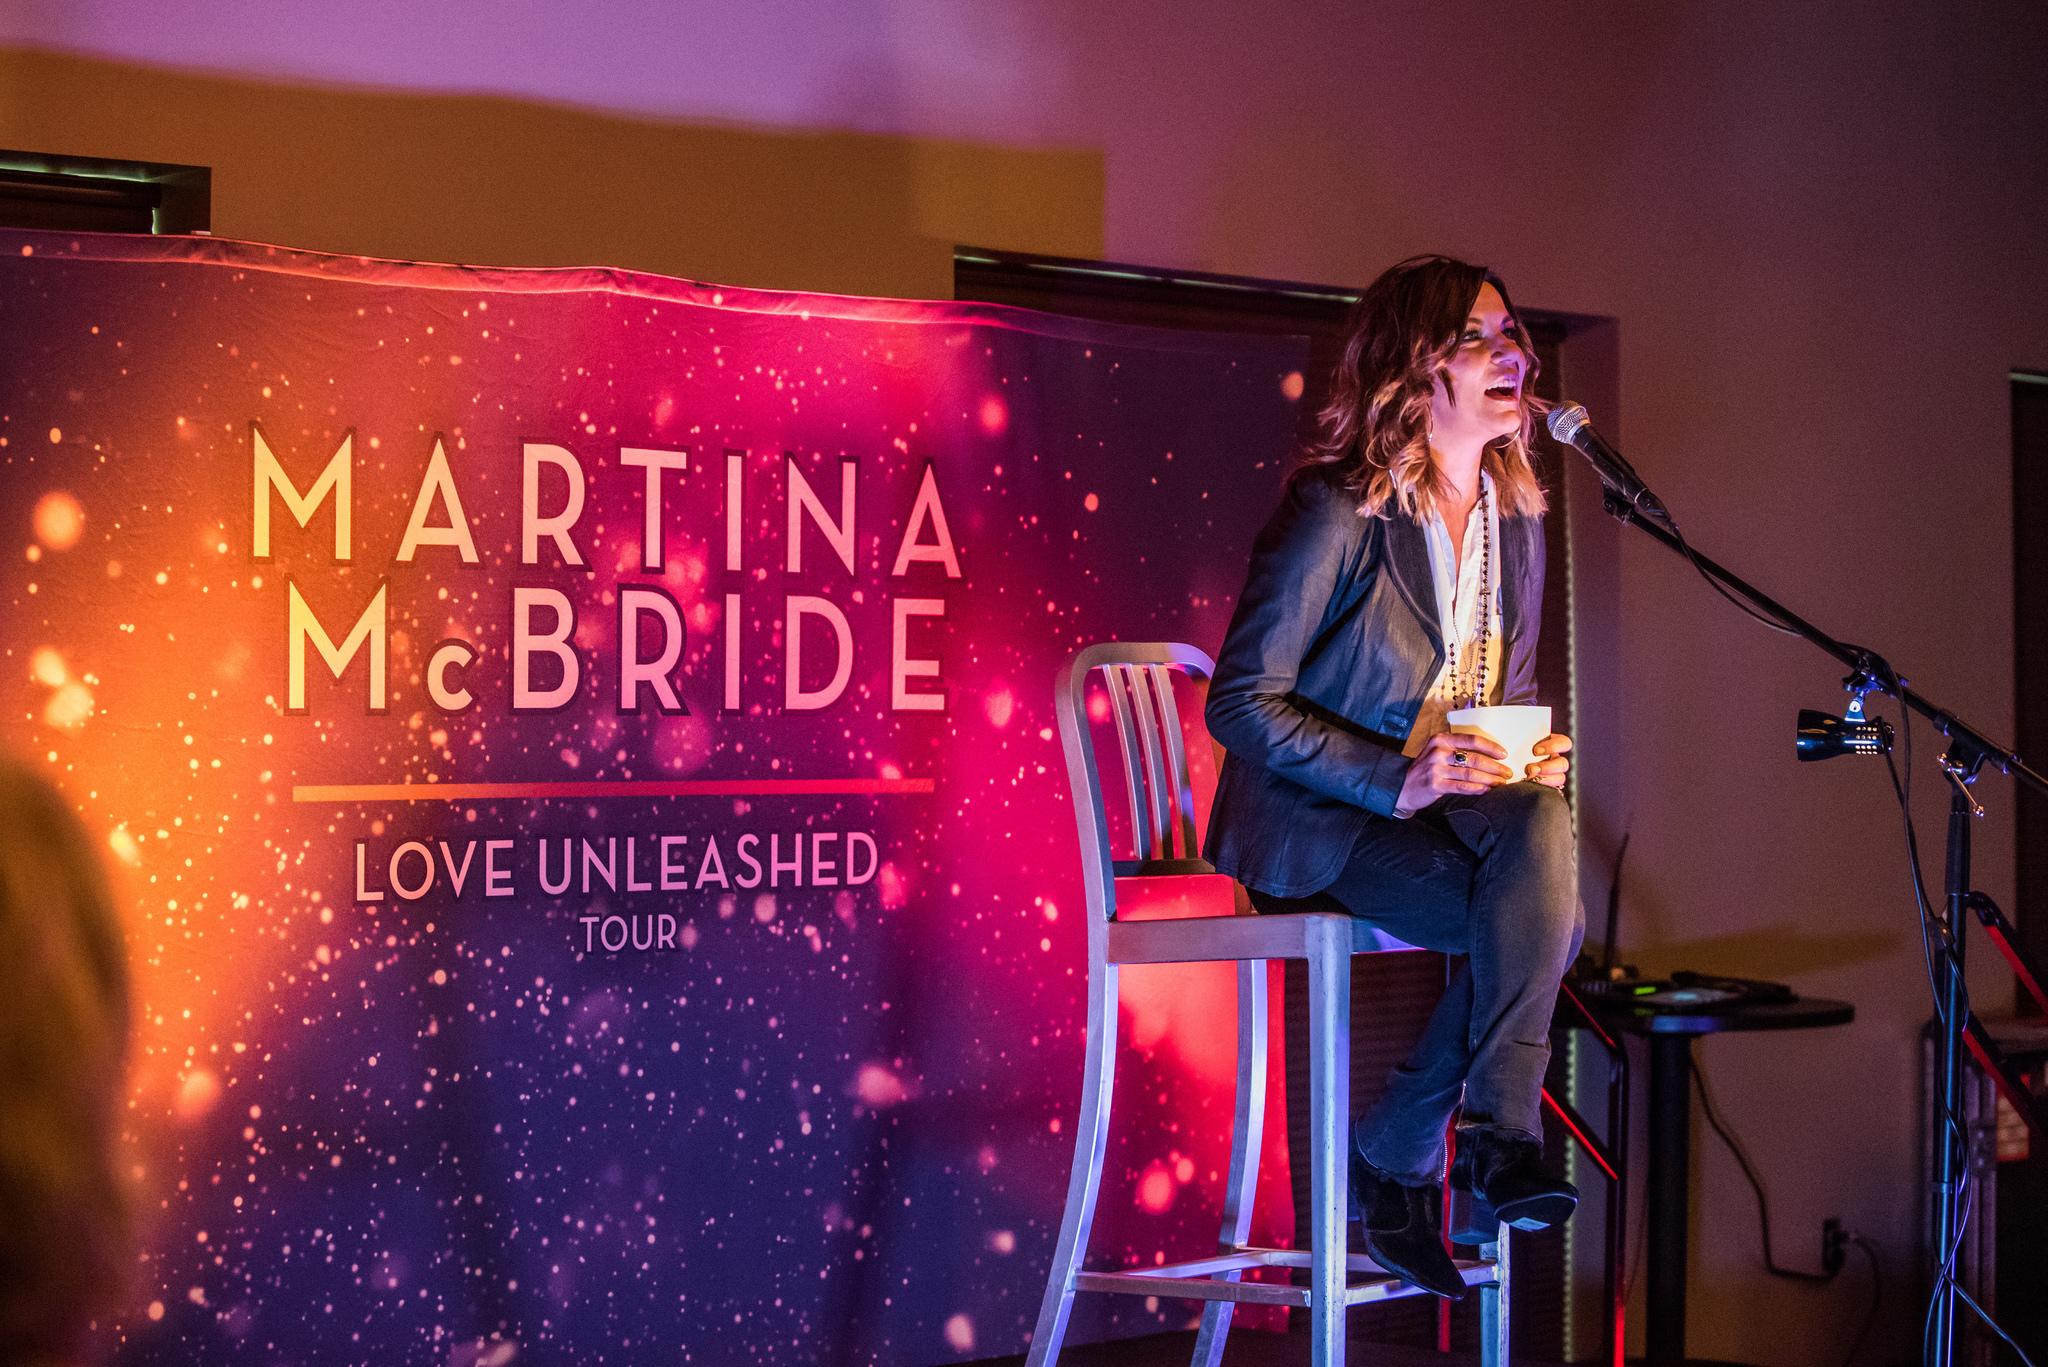 Martina Mcbride The Joy Of Christmas Tour 2017 Cid